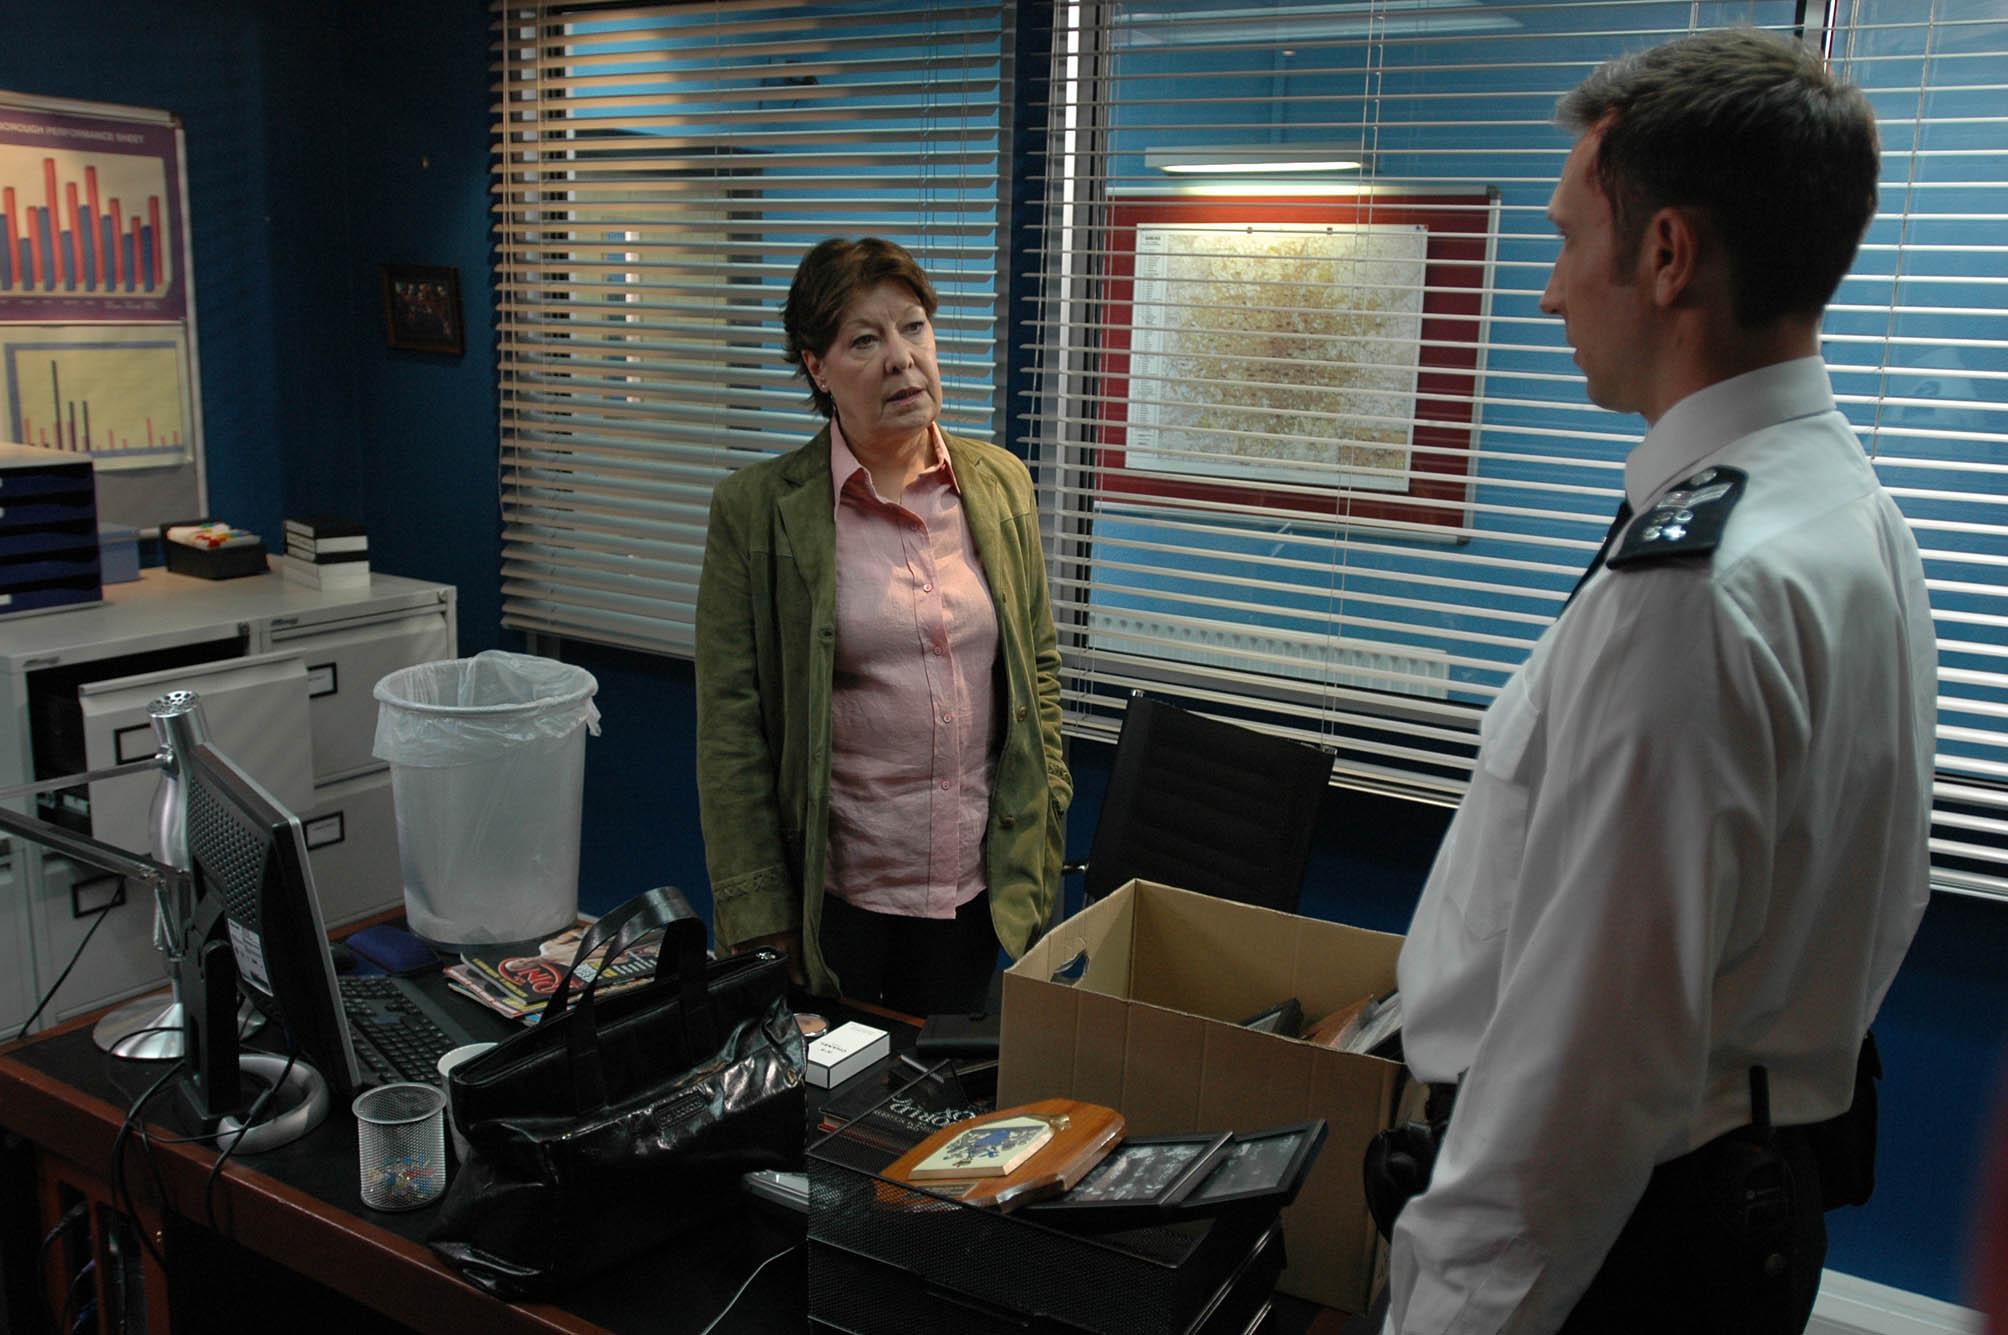 Gina leaves Sun Hill